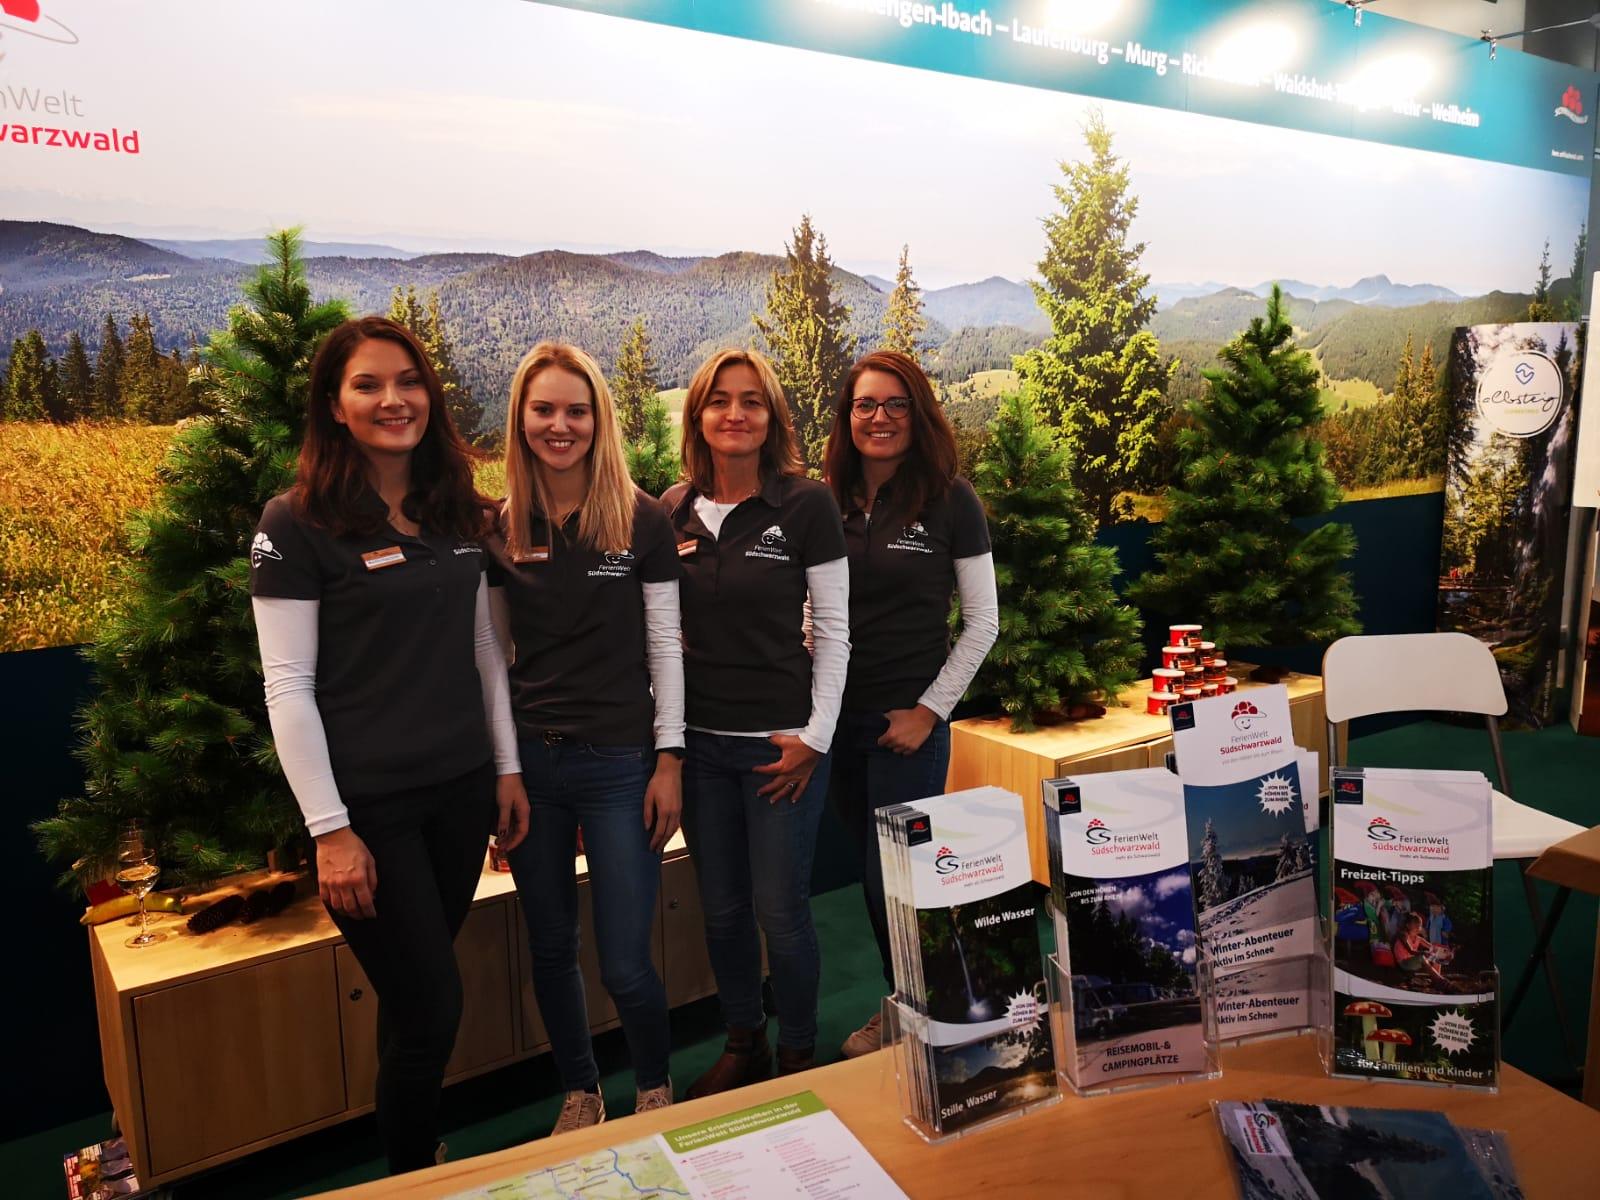 Unsere FerienWelt-Ladies - mit diesem Team macht der Standdienst Spaß!